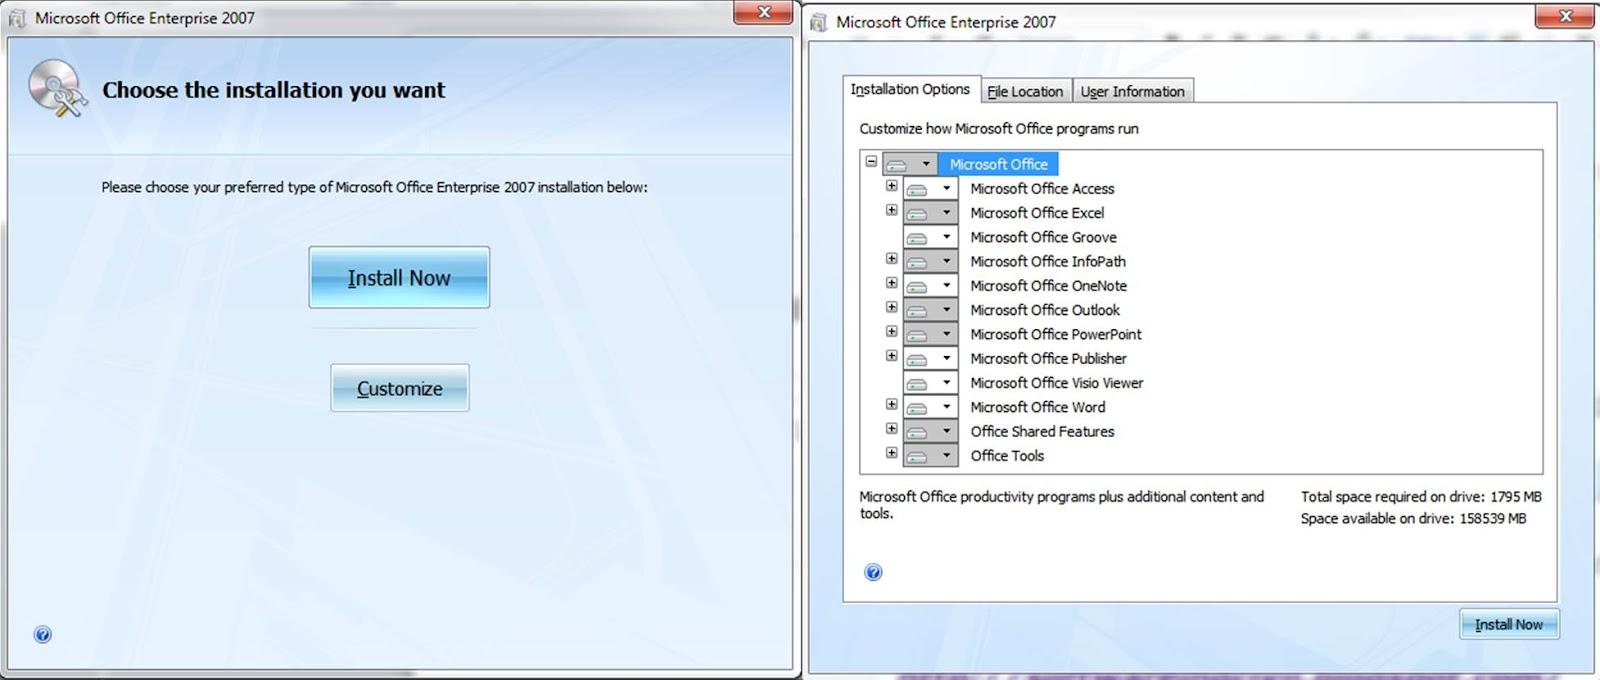 windows todo 1 2007: